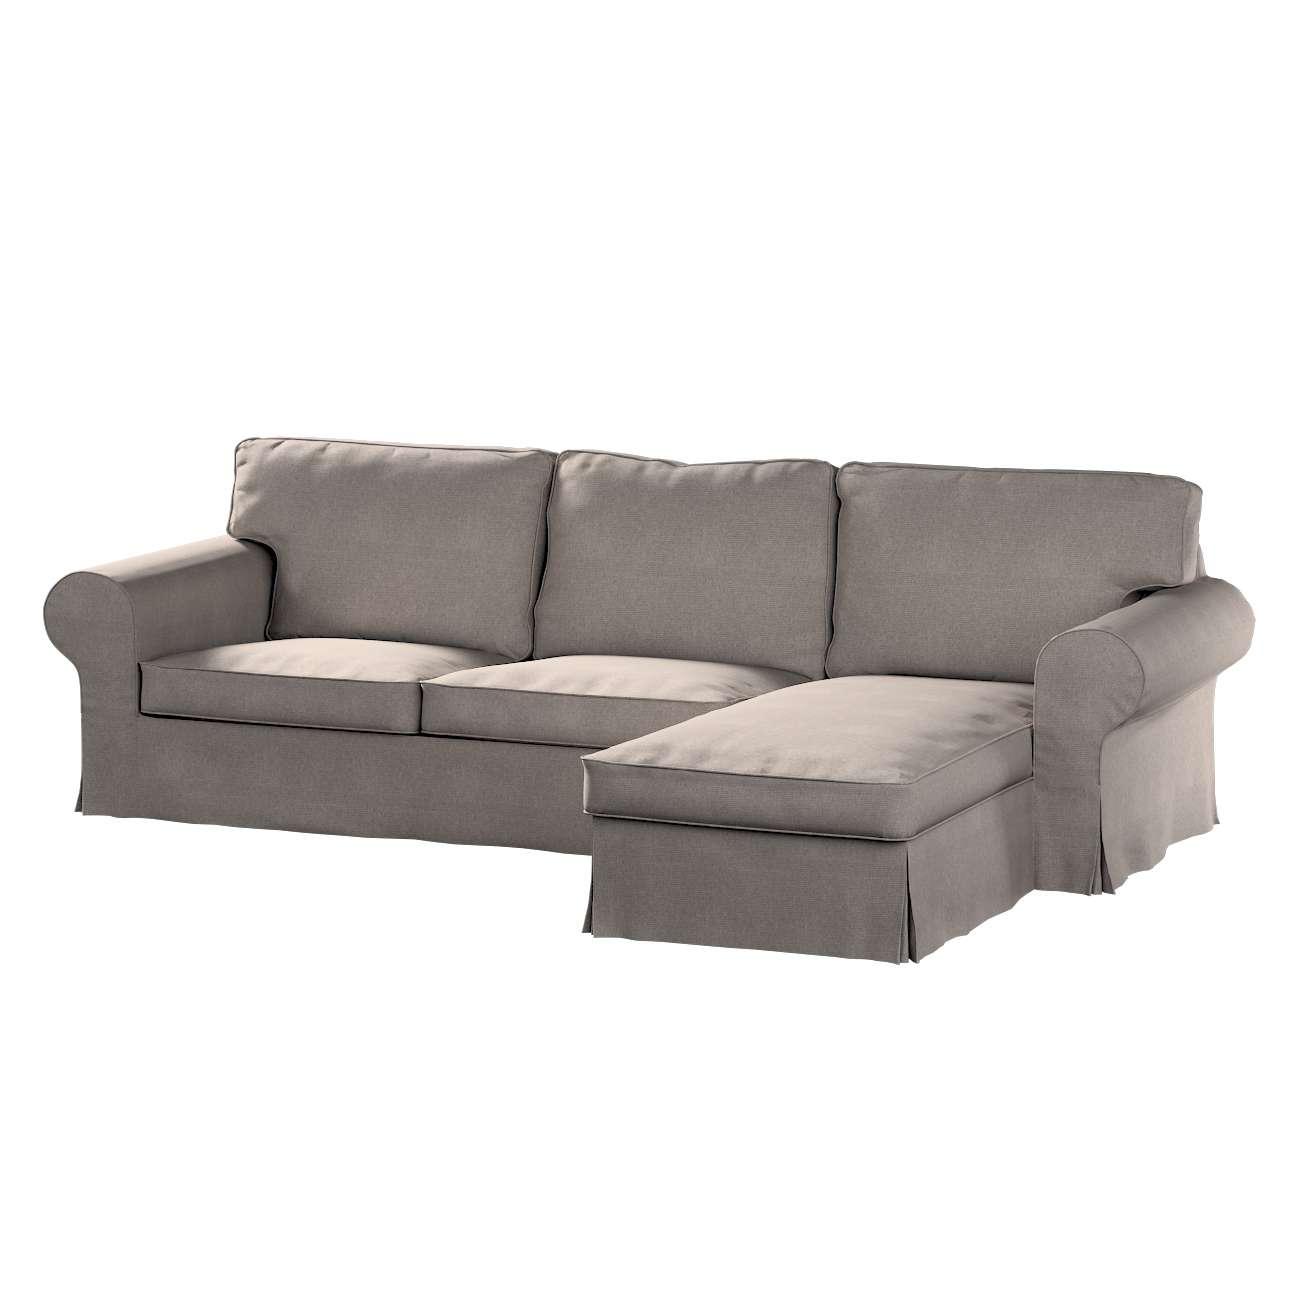 Ektorp dvivietės sofos su gulimuoju krėslu užvalkalas Ikea Ektorp dvivietės sofos su gulimuoju krėslu užvalkalas kolekcijoje Etna , audinys: 705-09